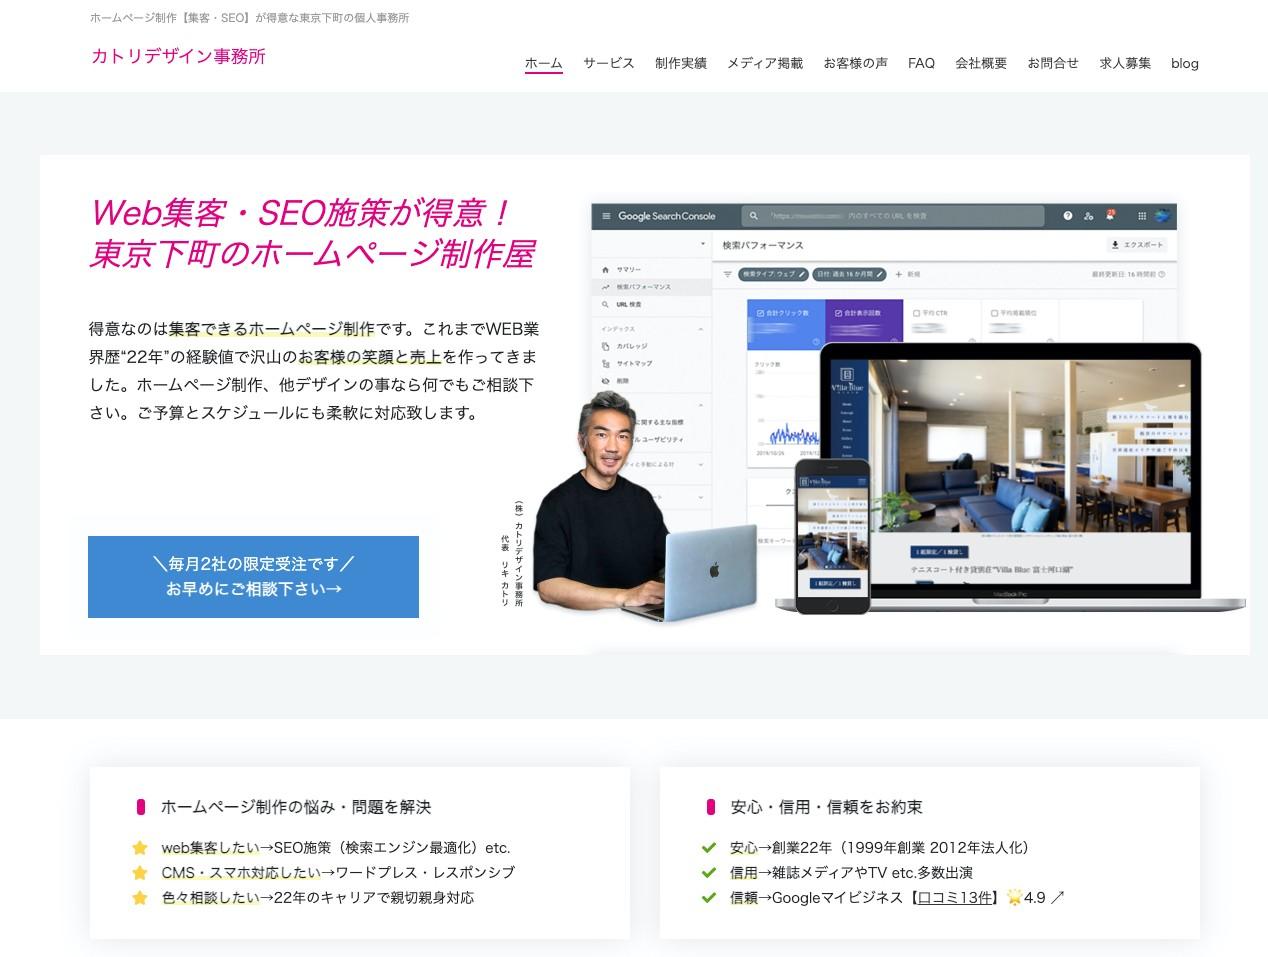 株式会社カトリデザイン事務所